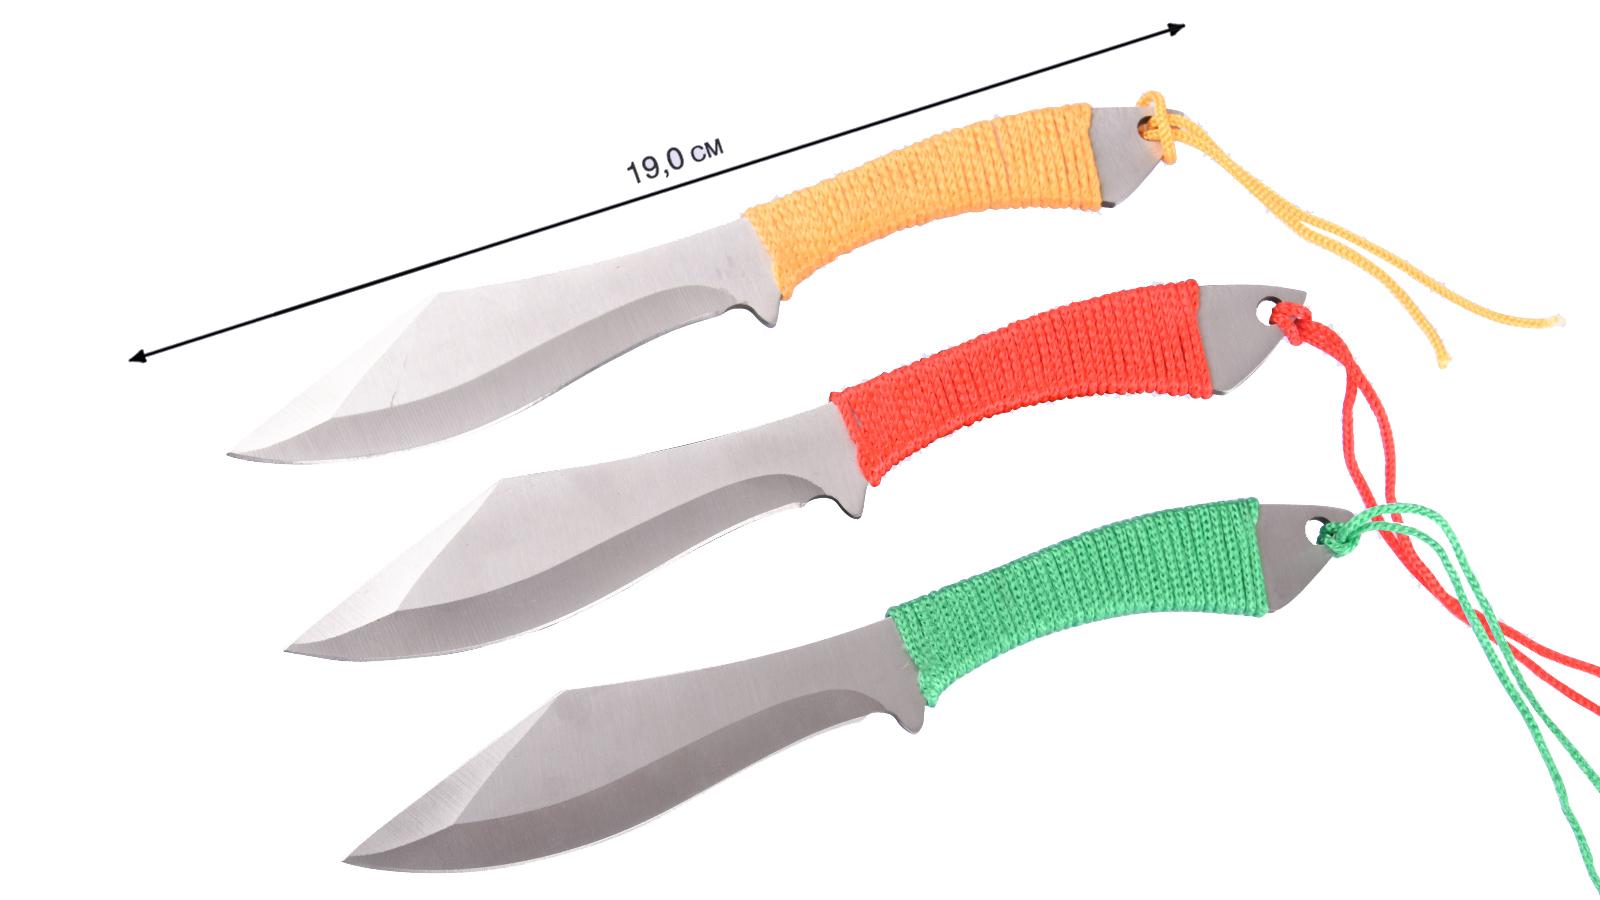 Набор метательных ножей (3 шт.) - купить в интернет-магазине